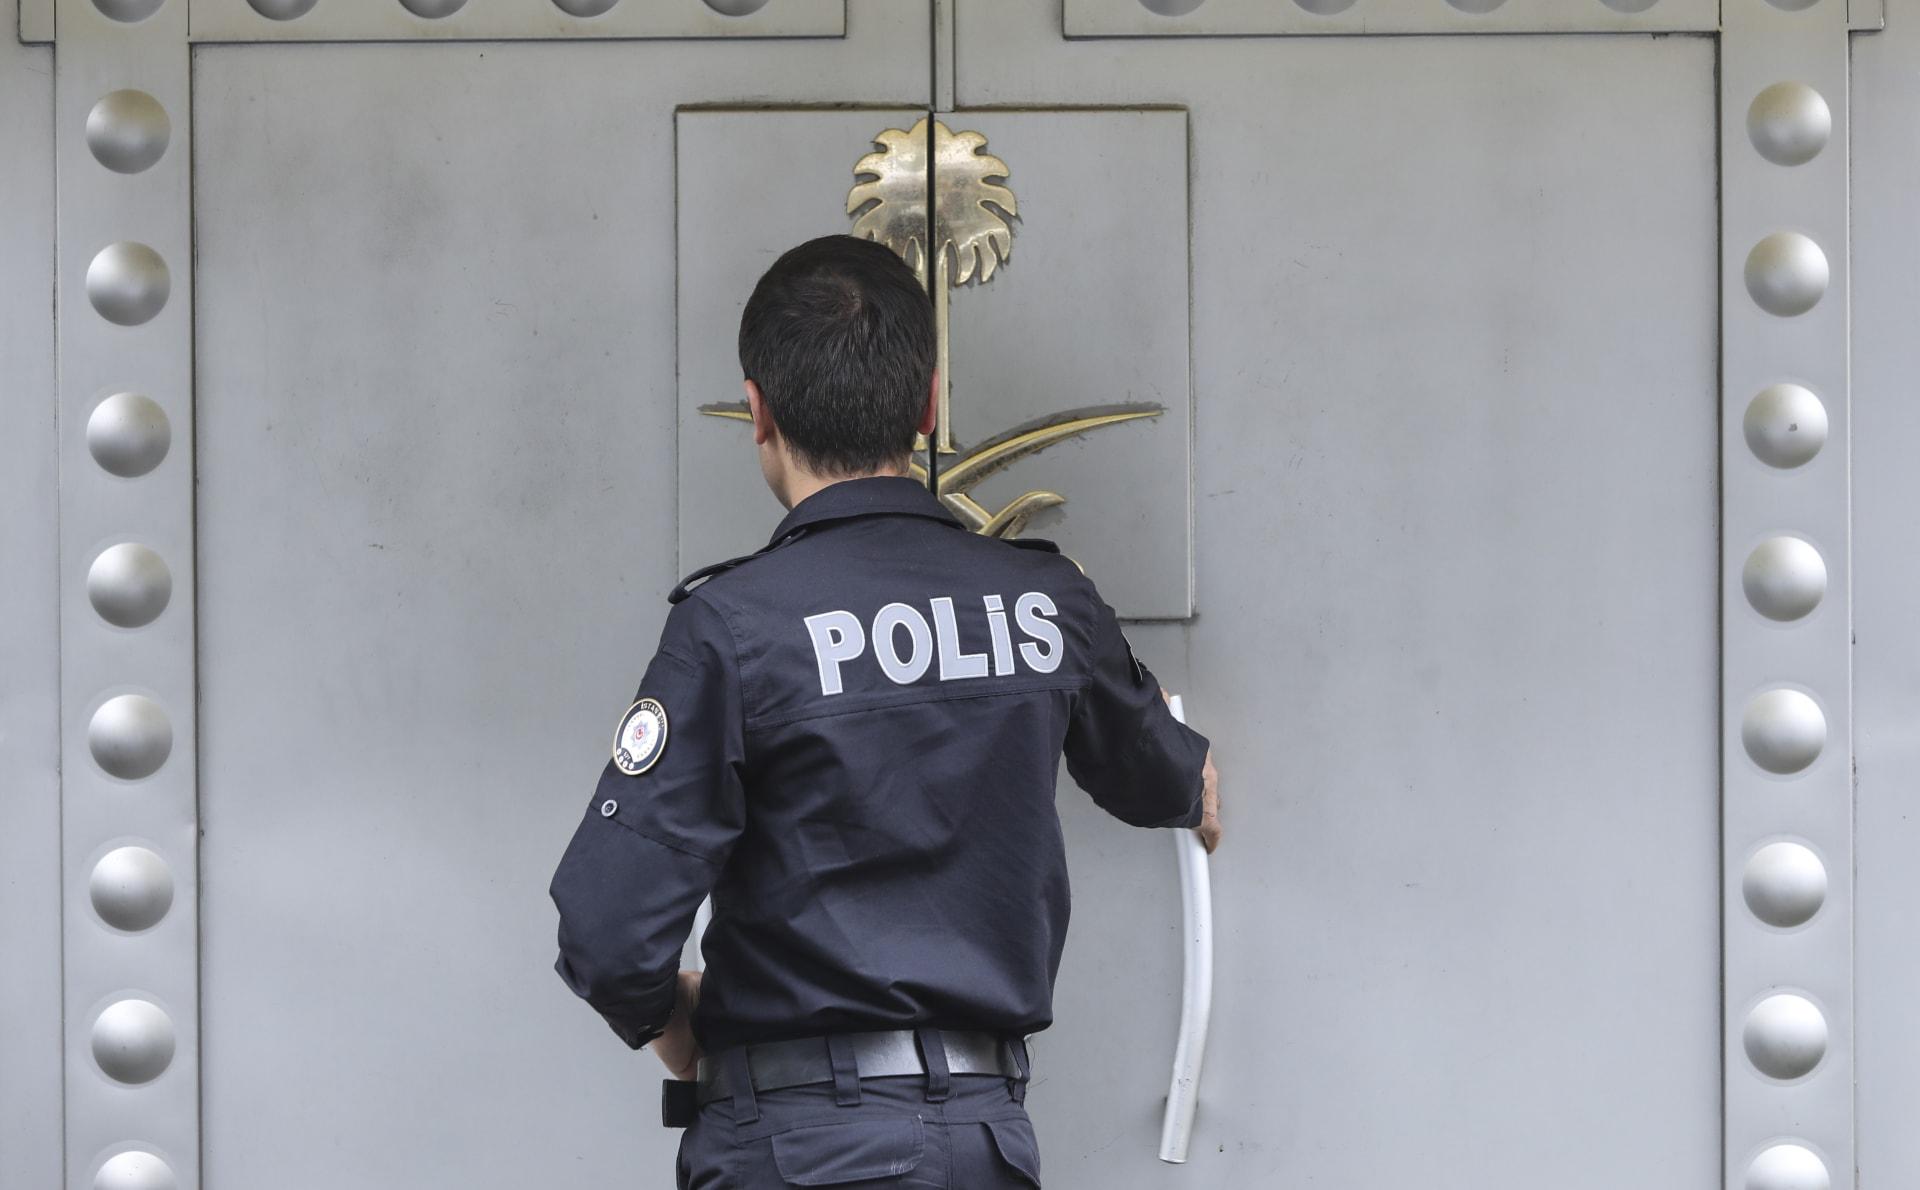 تركيا: رفض السعودية تسليم قتلة خاشقجي يجعل من يتهمونها بمحاولة التستر على حق